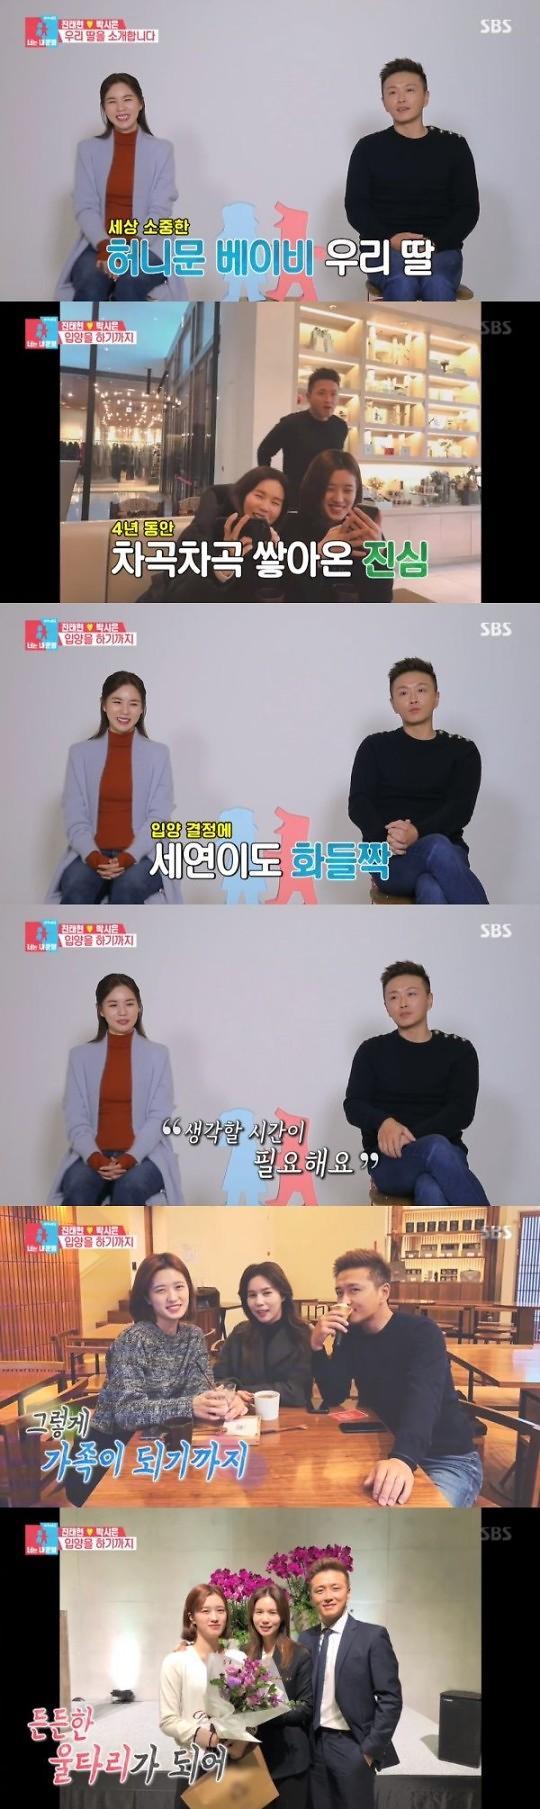 동상이몽 시즌 2-너는 내 운명, 진태현-박시은 부부 입양딸 공개